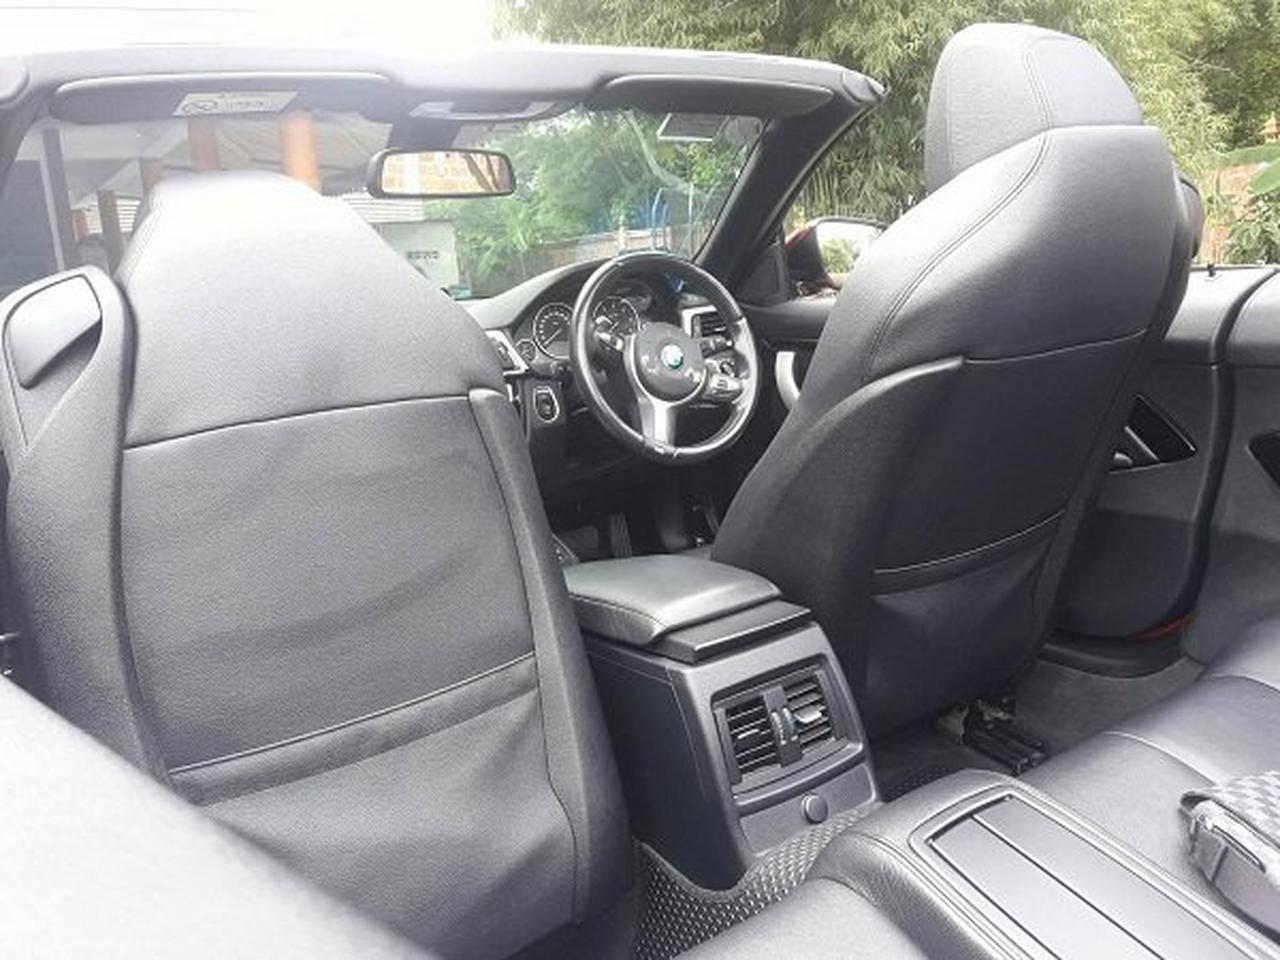 ขายรถเก๋ง BMW 420 D f32 เขตบางเขน กรุงเทพ ฯ 10230 รูปที่ 5